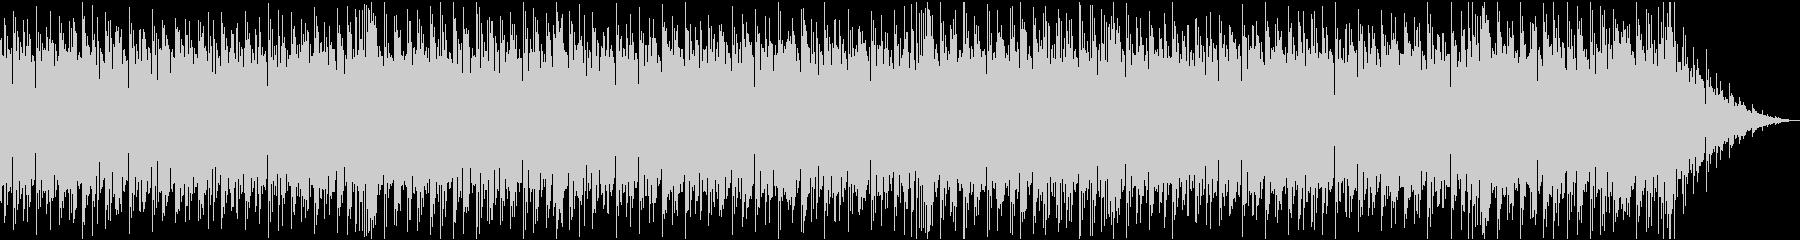 ロード画面によく合うクール系BGM-1の未再生の波形